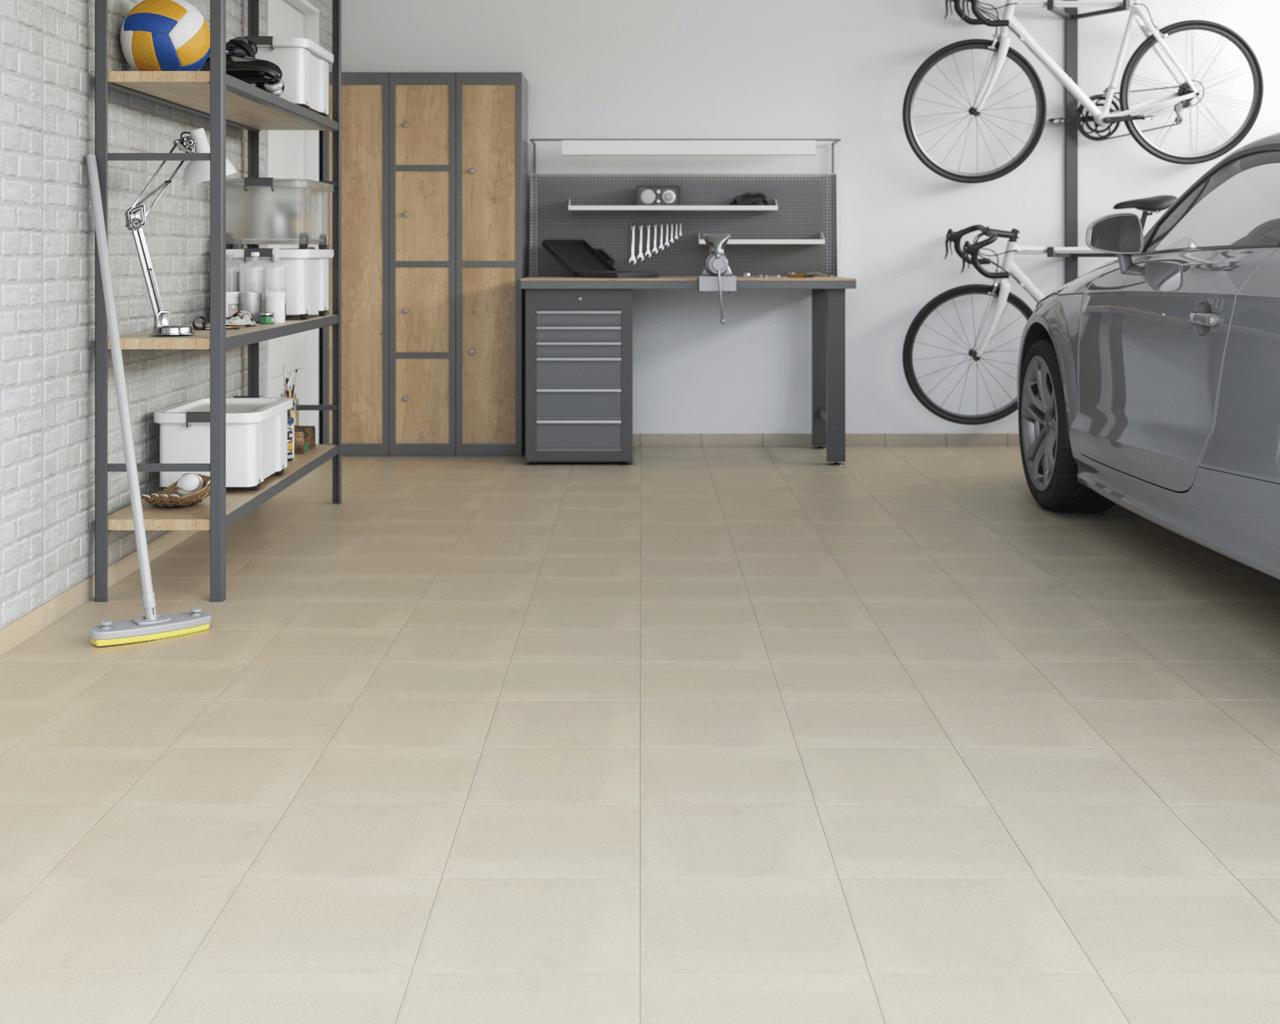 Jakie Płytki Do Garażu Wybrać Sprawdź Nasze Typy Blog Ceramika